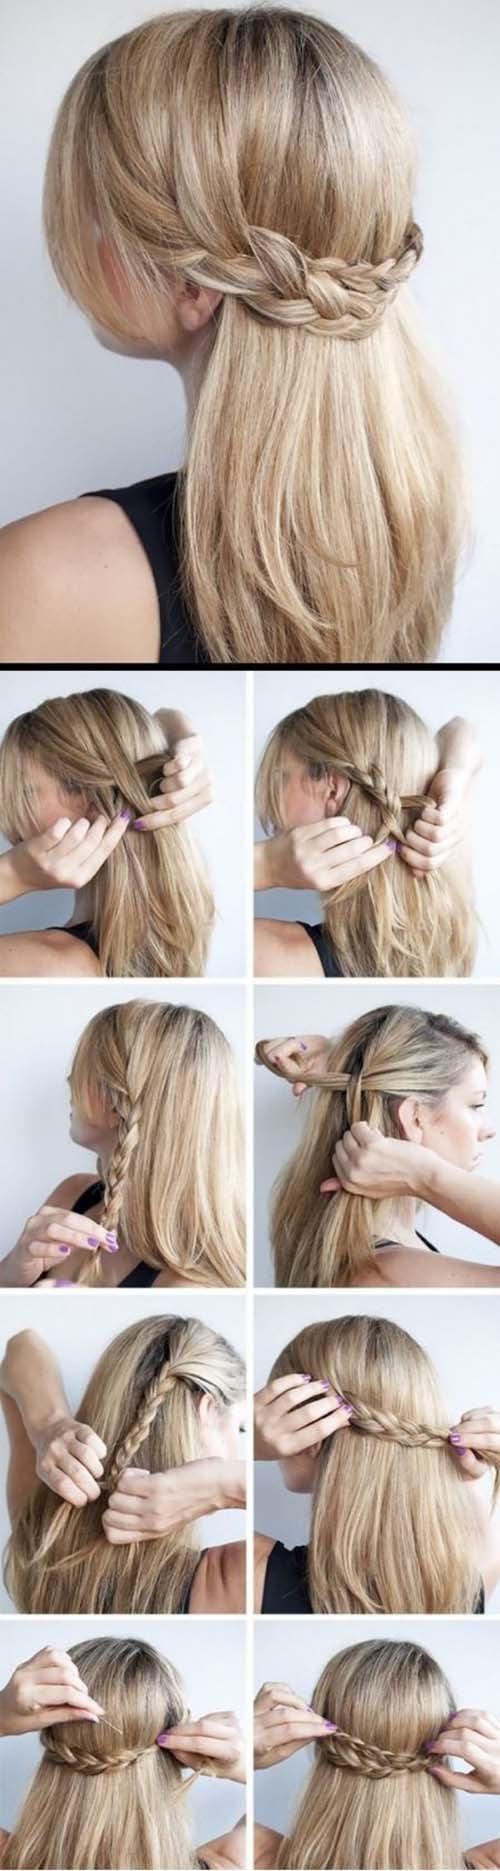 Un Peinado Sencillo Y Bonito Las Mejores Imágenes De Alta Definición De Inspiración De Estilo Hair